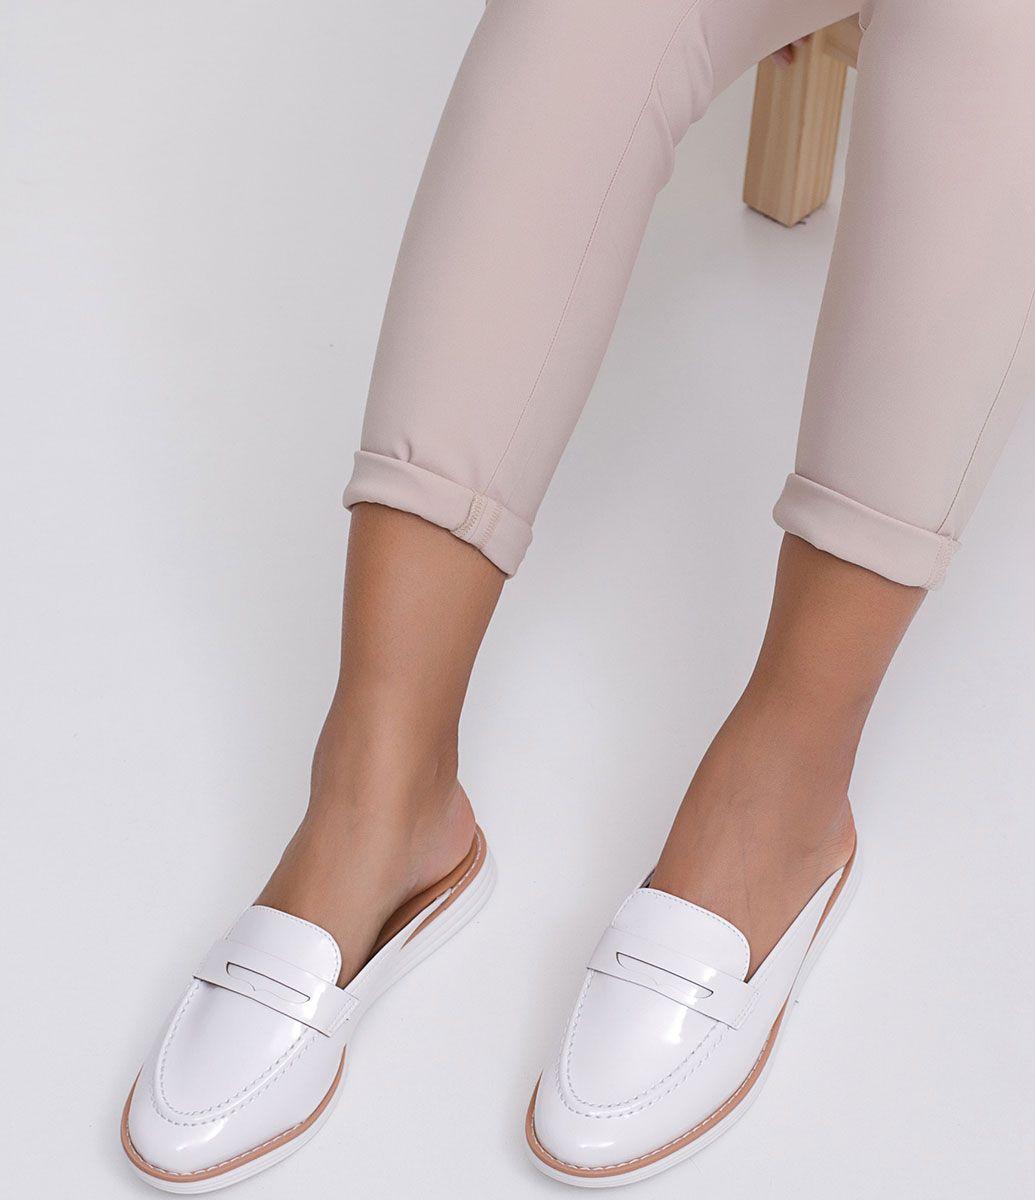 844e698ab9 Sapato feminino Mule Marca  Vizzano Material  sintético COLEÇÃO INVERNO  2017 Veja outras opções de sapatos femininos. Sobre a marca Vizzano Para  oferecer a ...